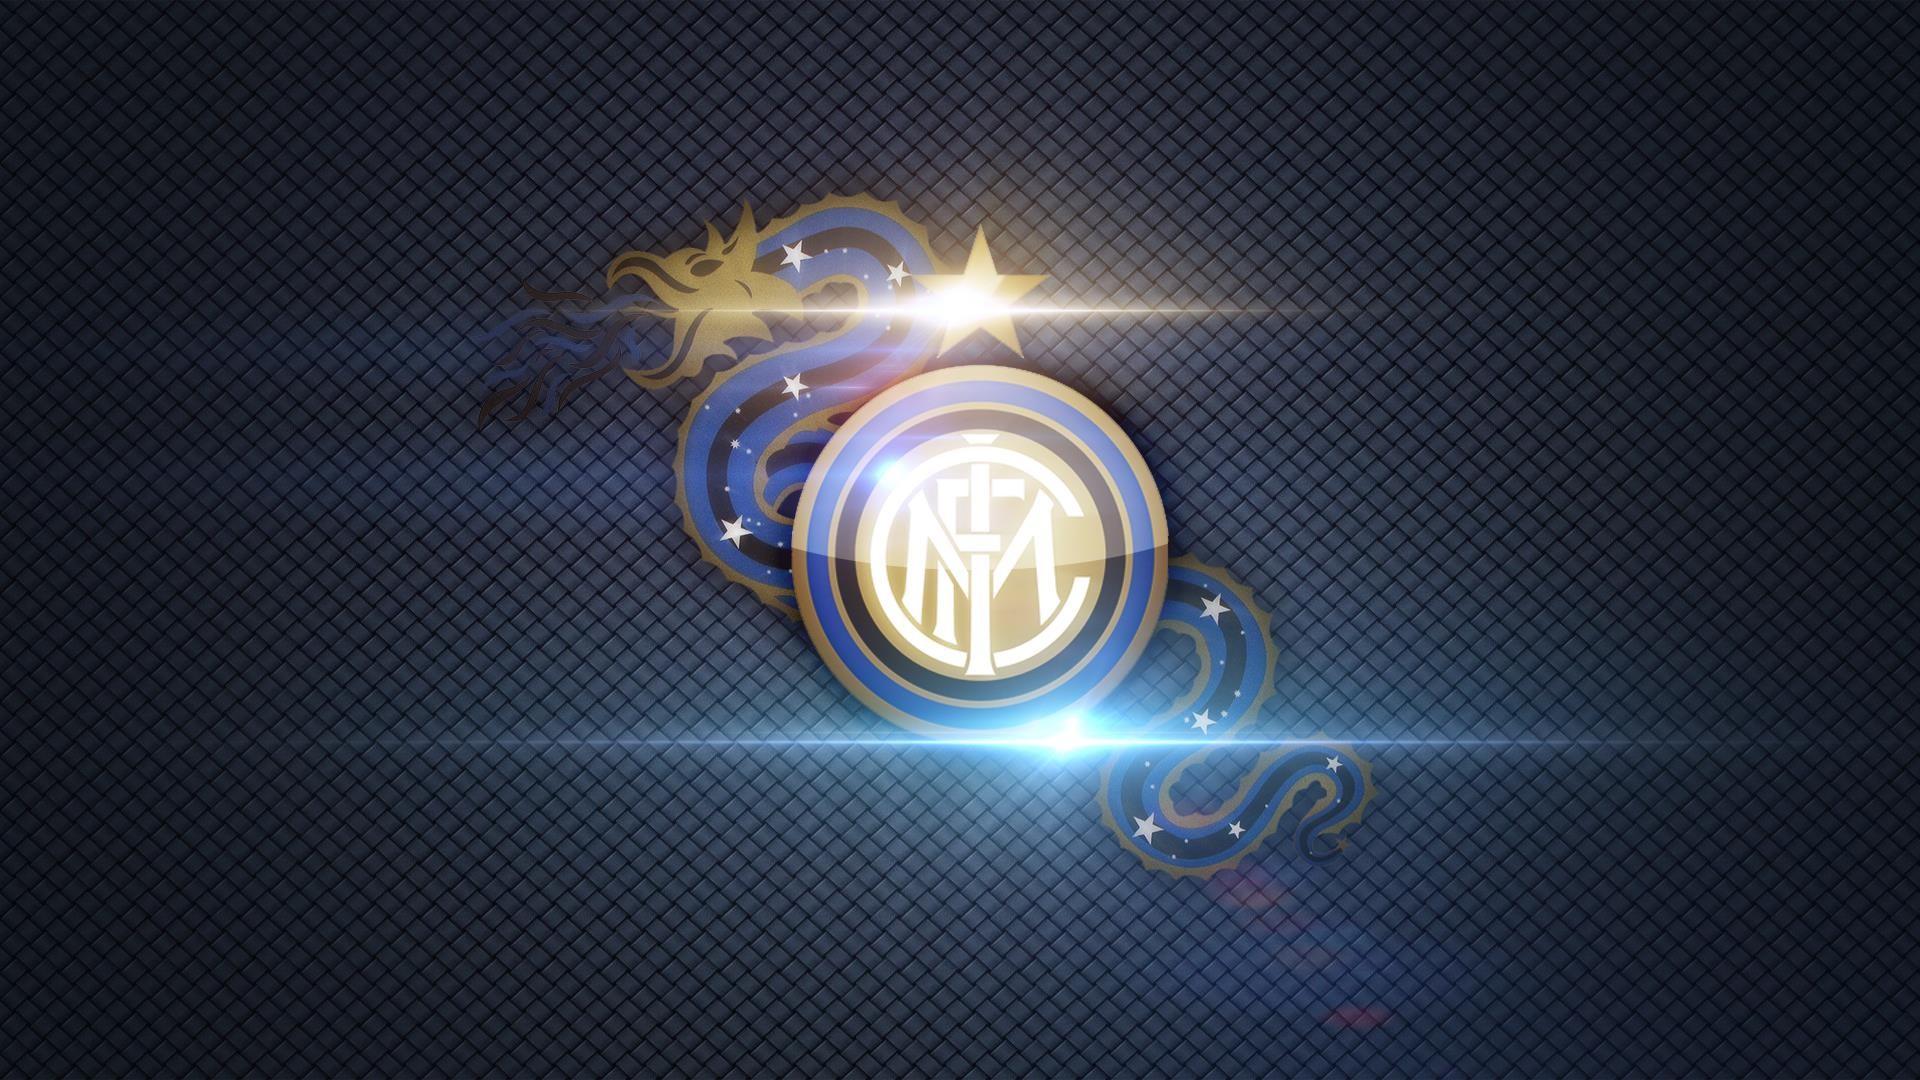 44 Inter Milan Wallpaper 1920x1080 On Wallpapersafari